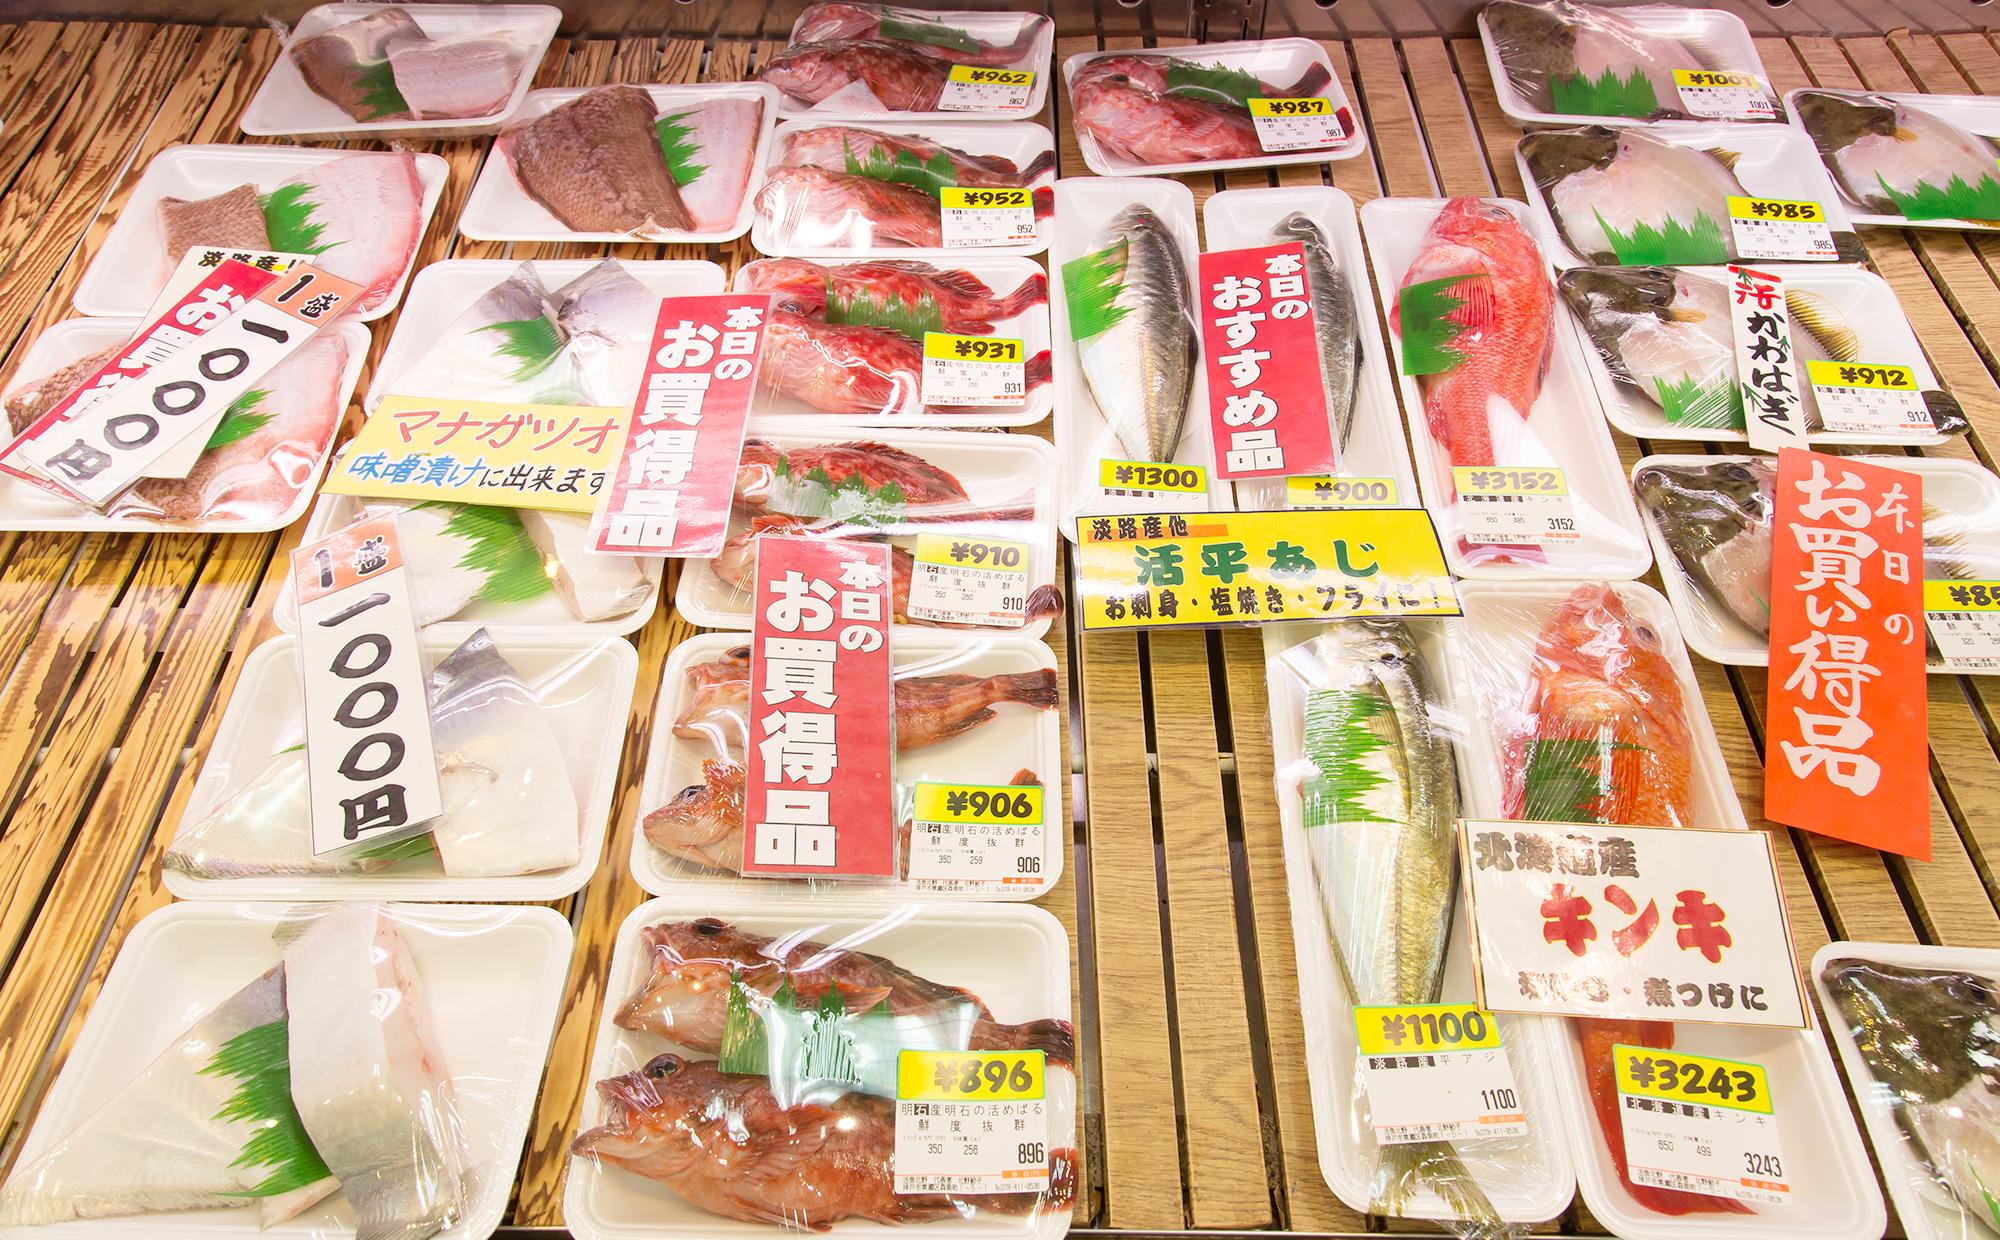 活魚 北野(かつぎょ きたの)5